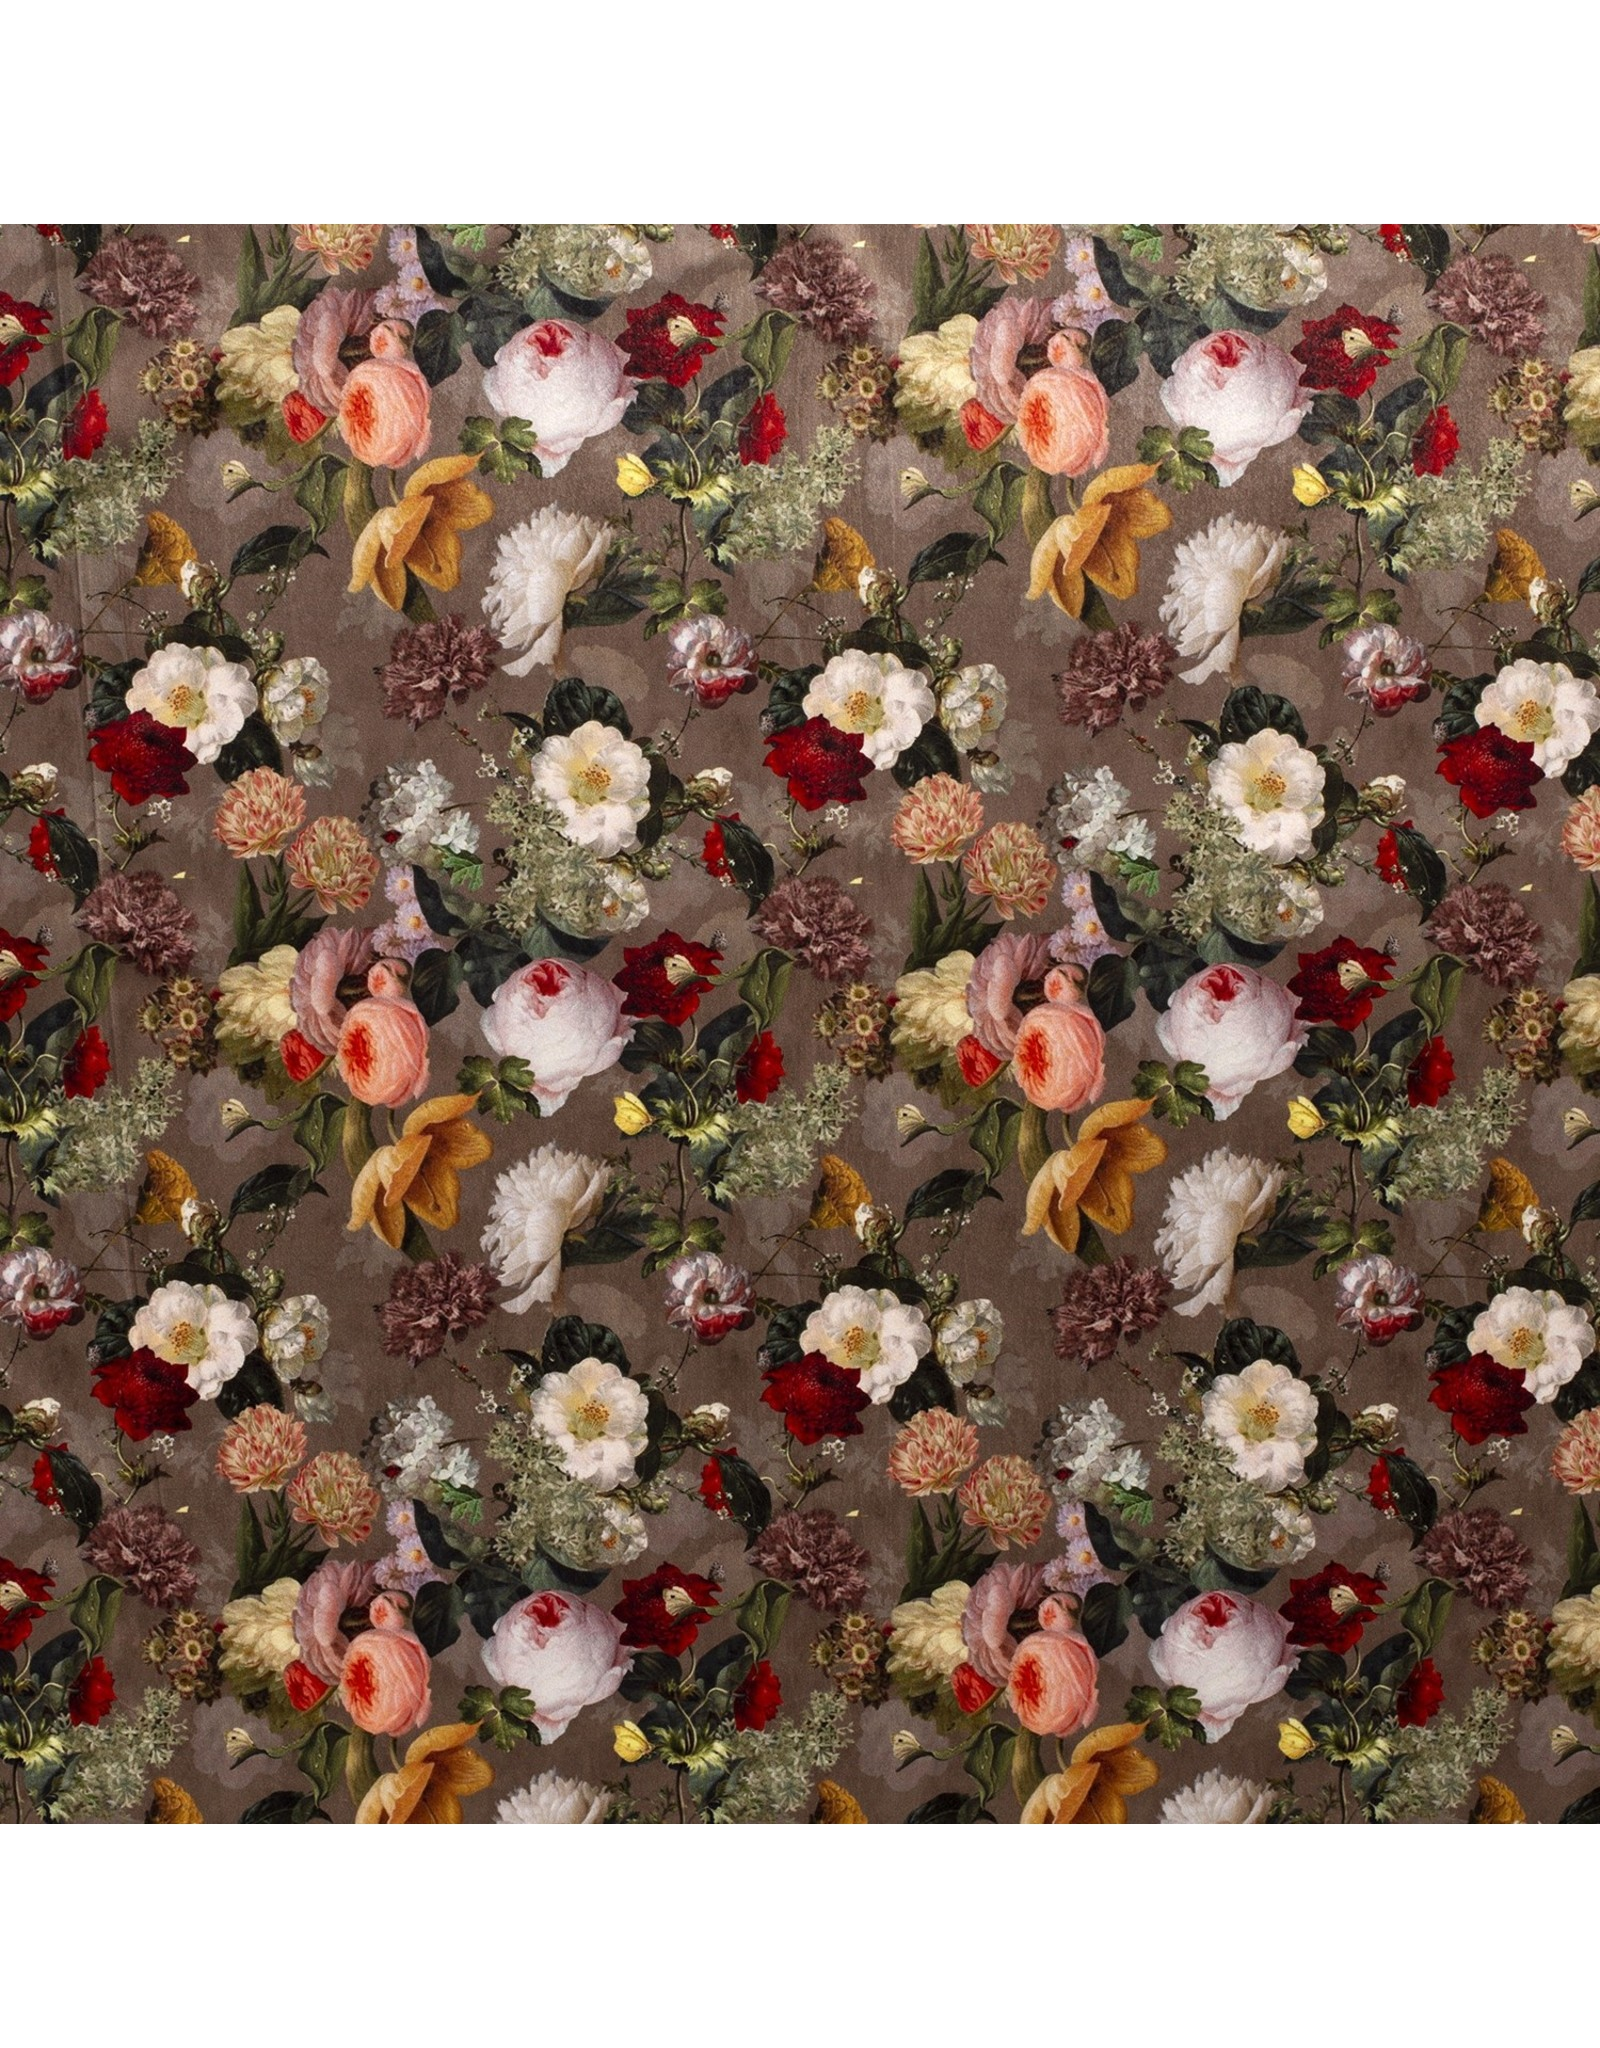 Nobodeco Home Fluweel stof Digitaal Bedrukt Bloemen bruin